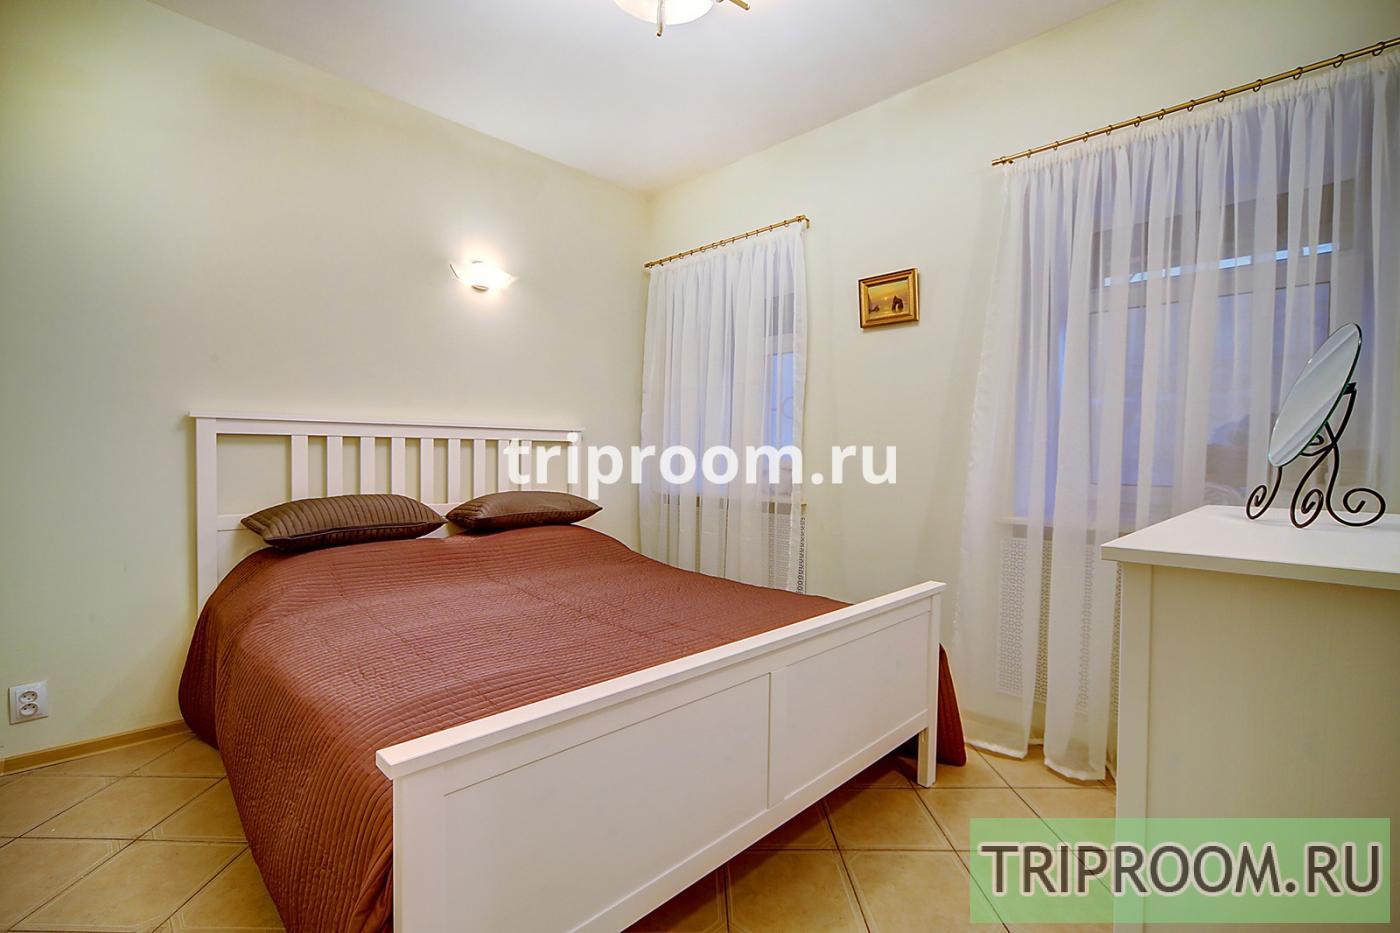 3-комнатная квартира посуточно (вариант № 14749), ул. Большая Конюшенная улица, фото № 6